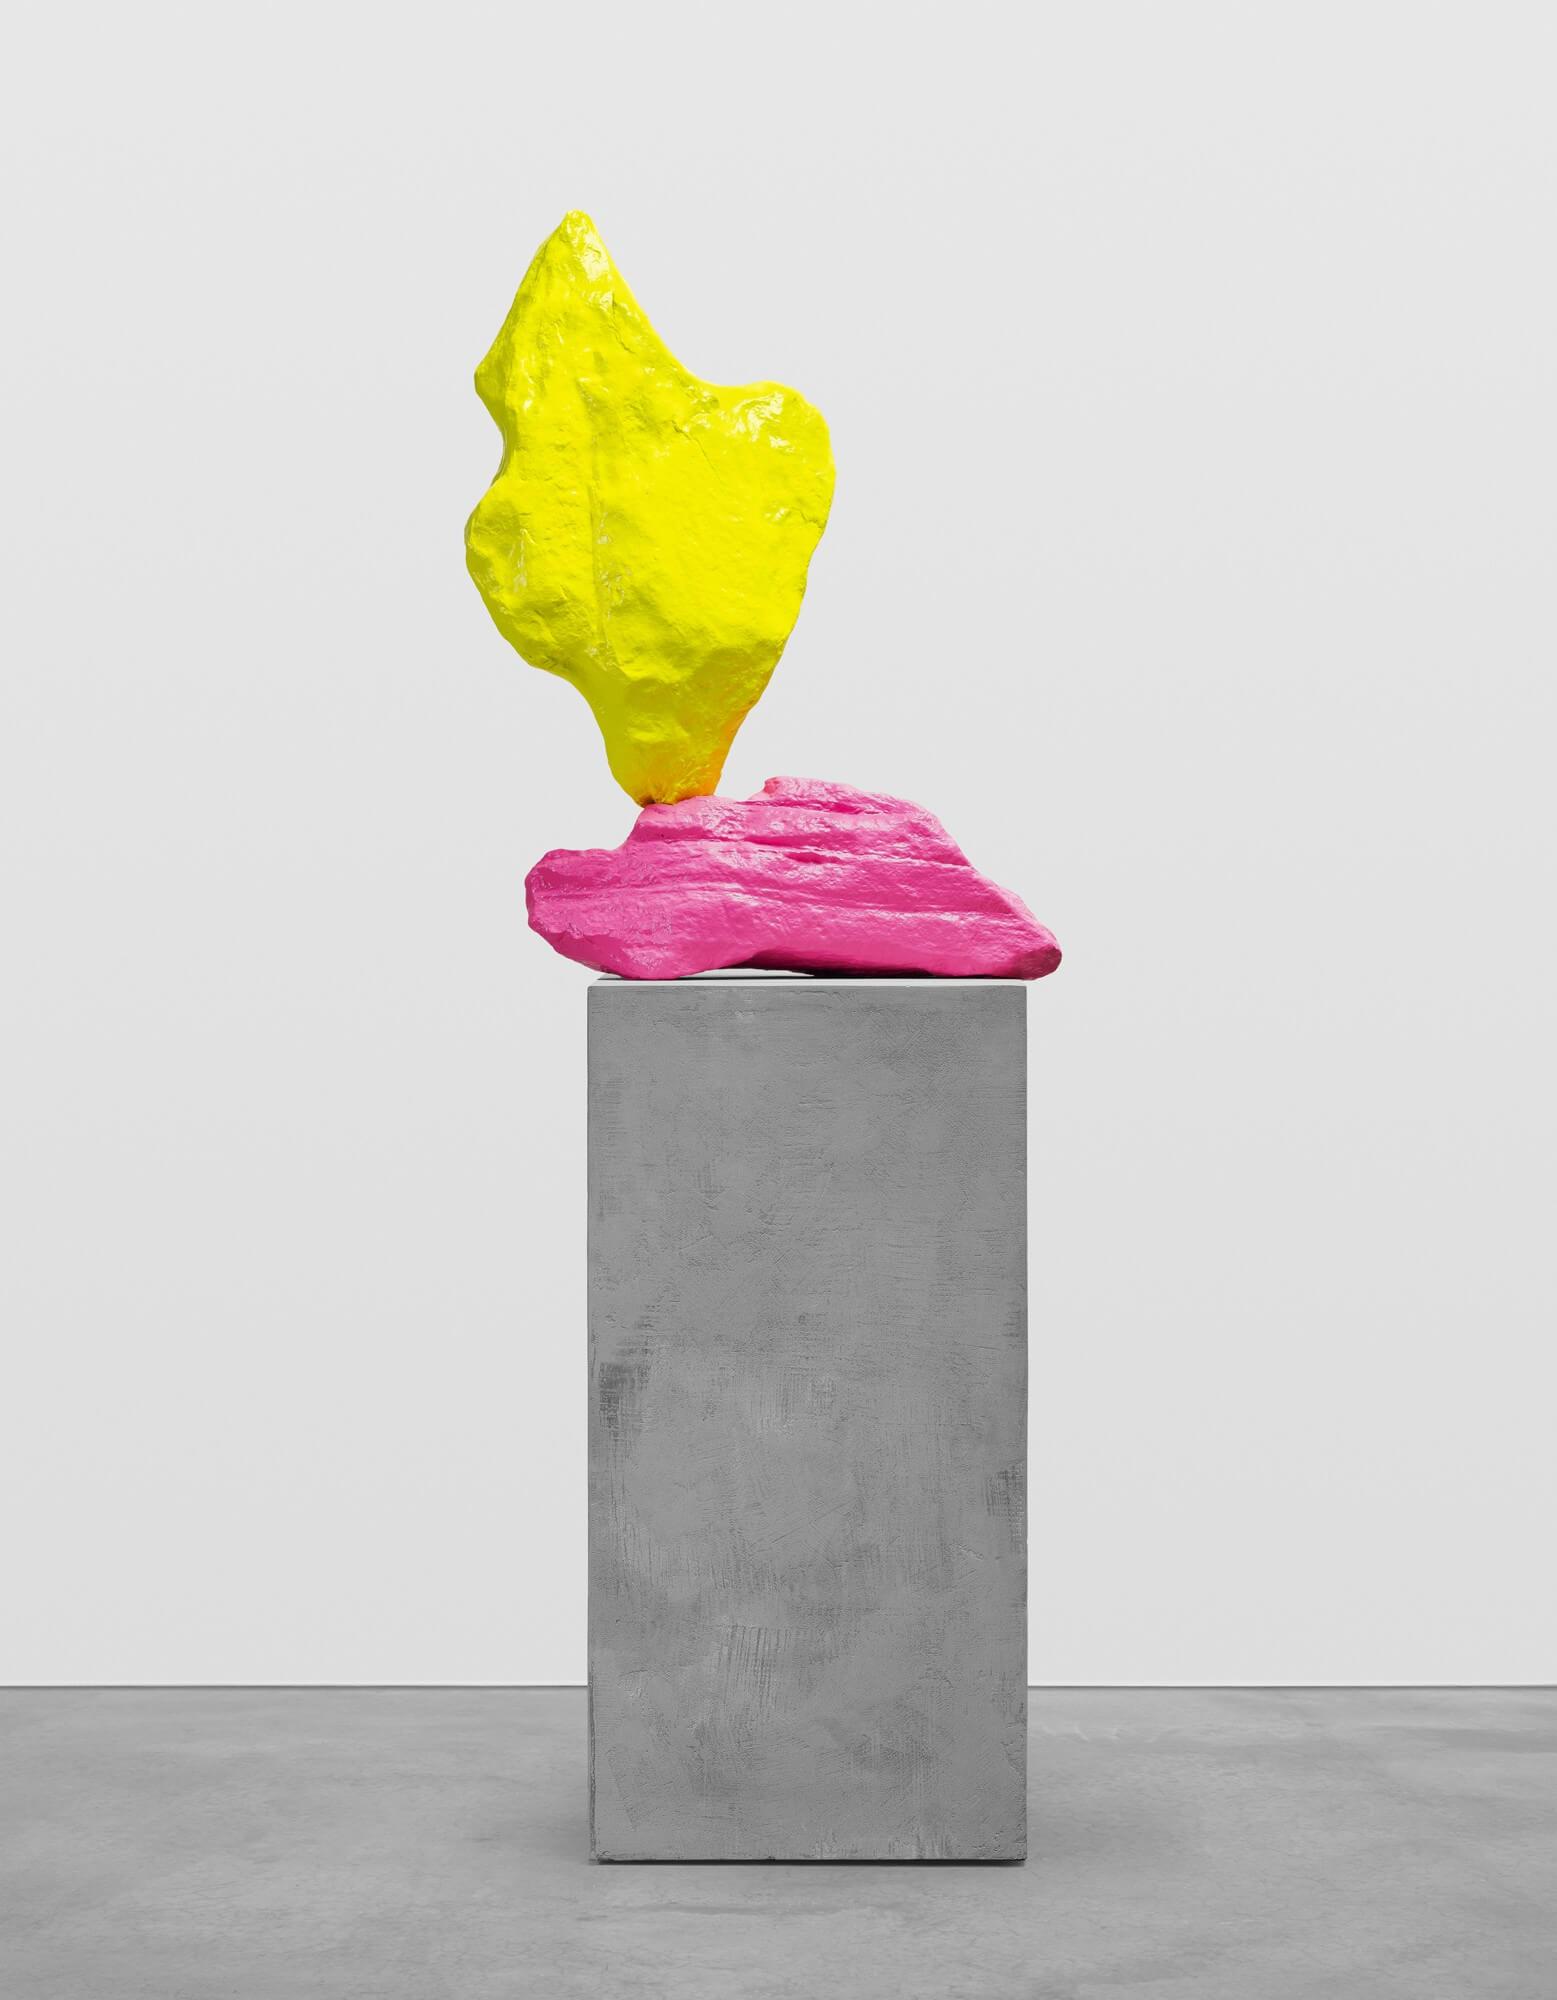 pink yellow mountain | UGO RONDINONE